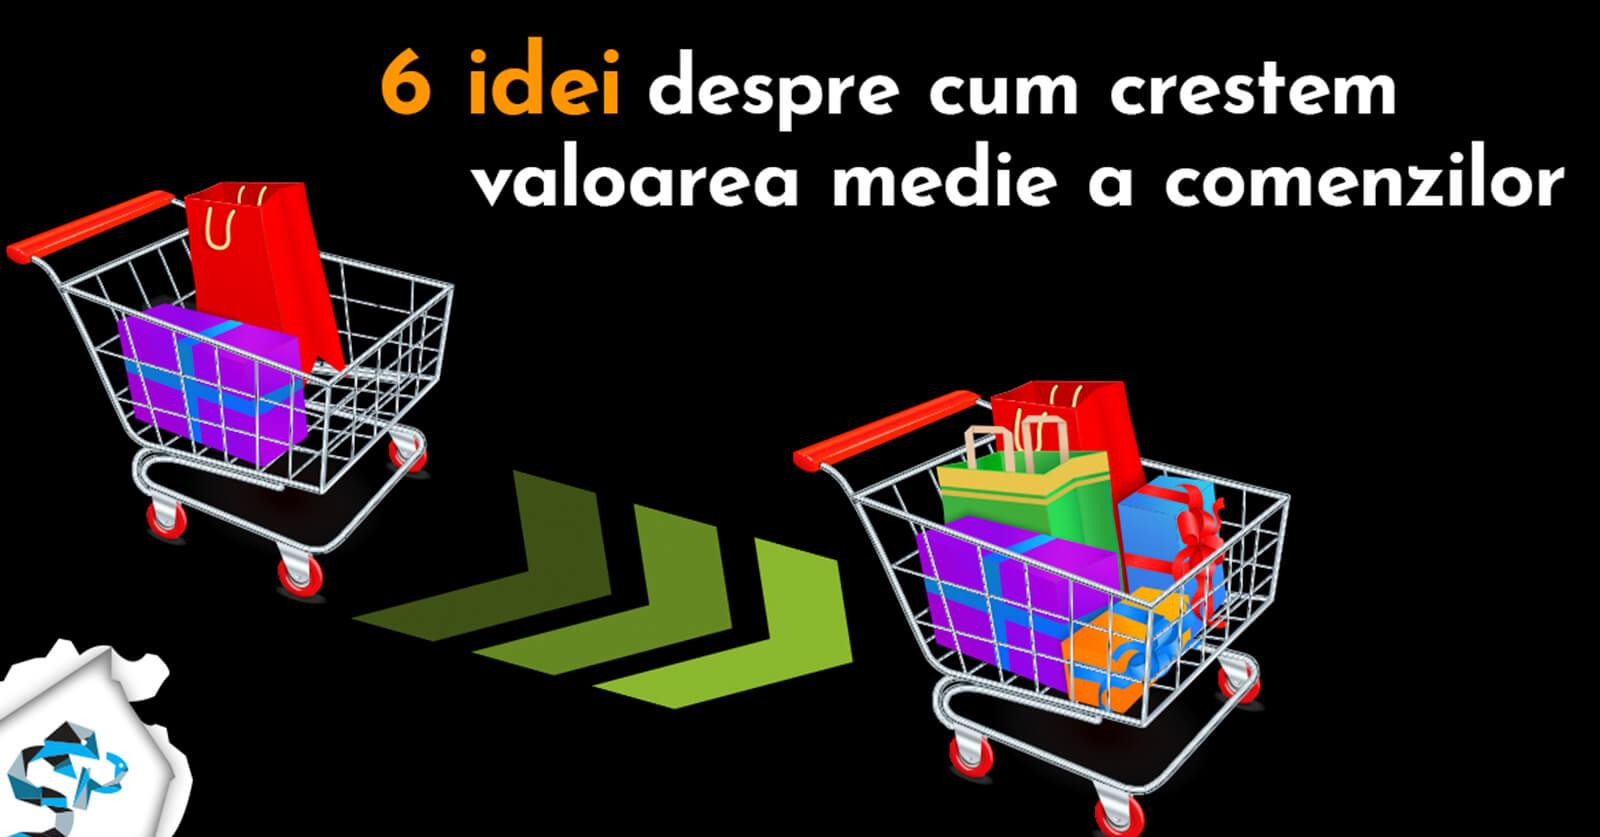 valoarea medie a comenzilor - cum o crestem pentru magazinul online